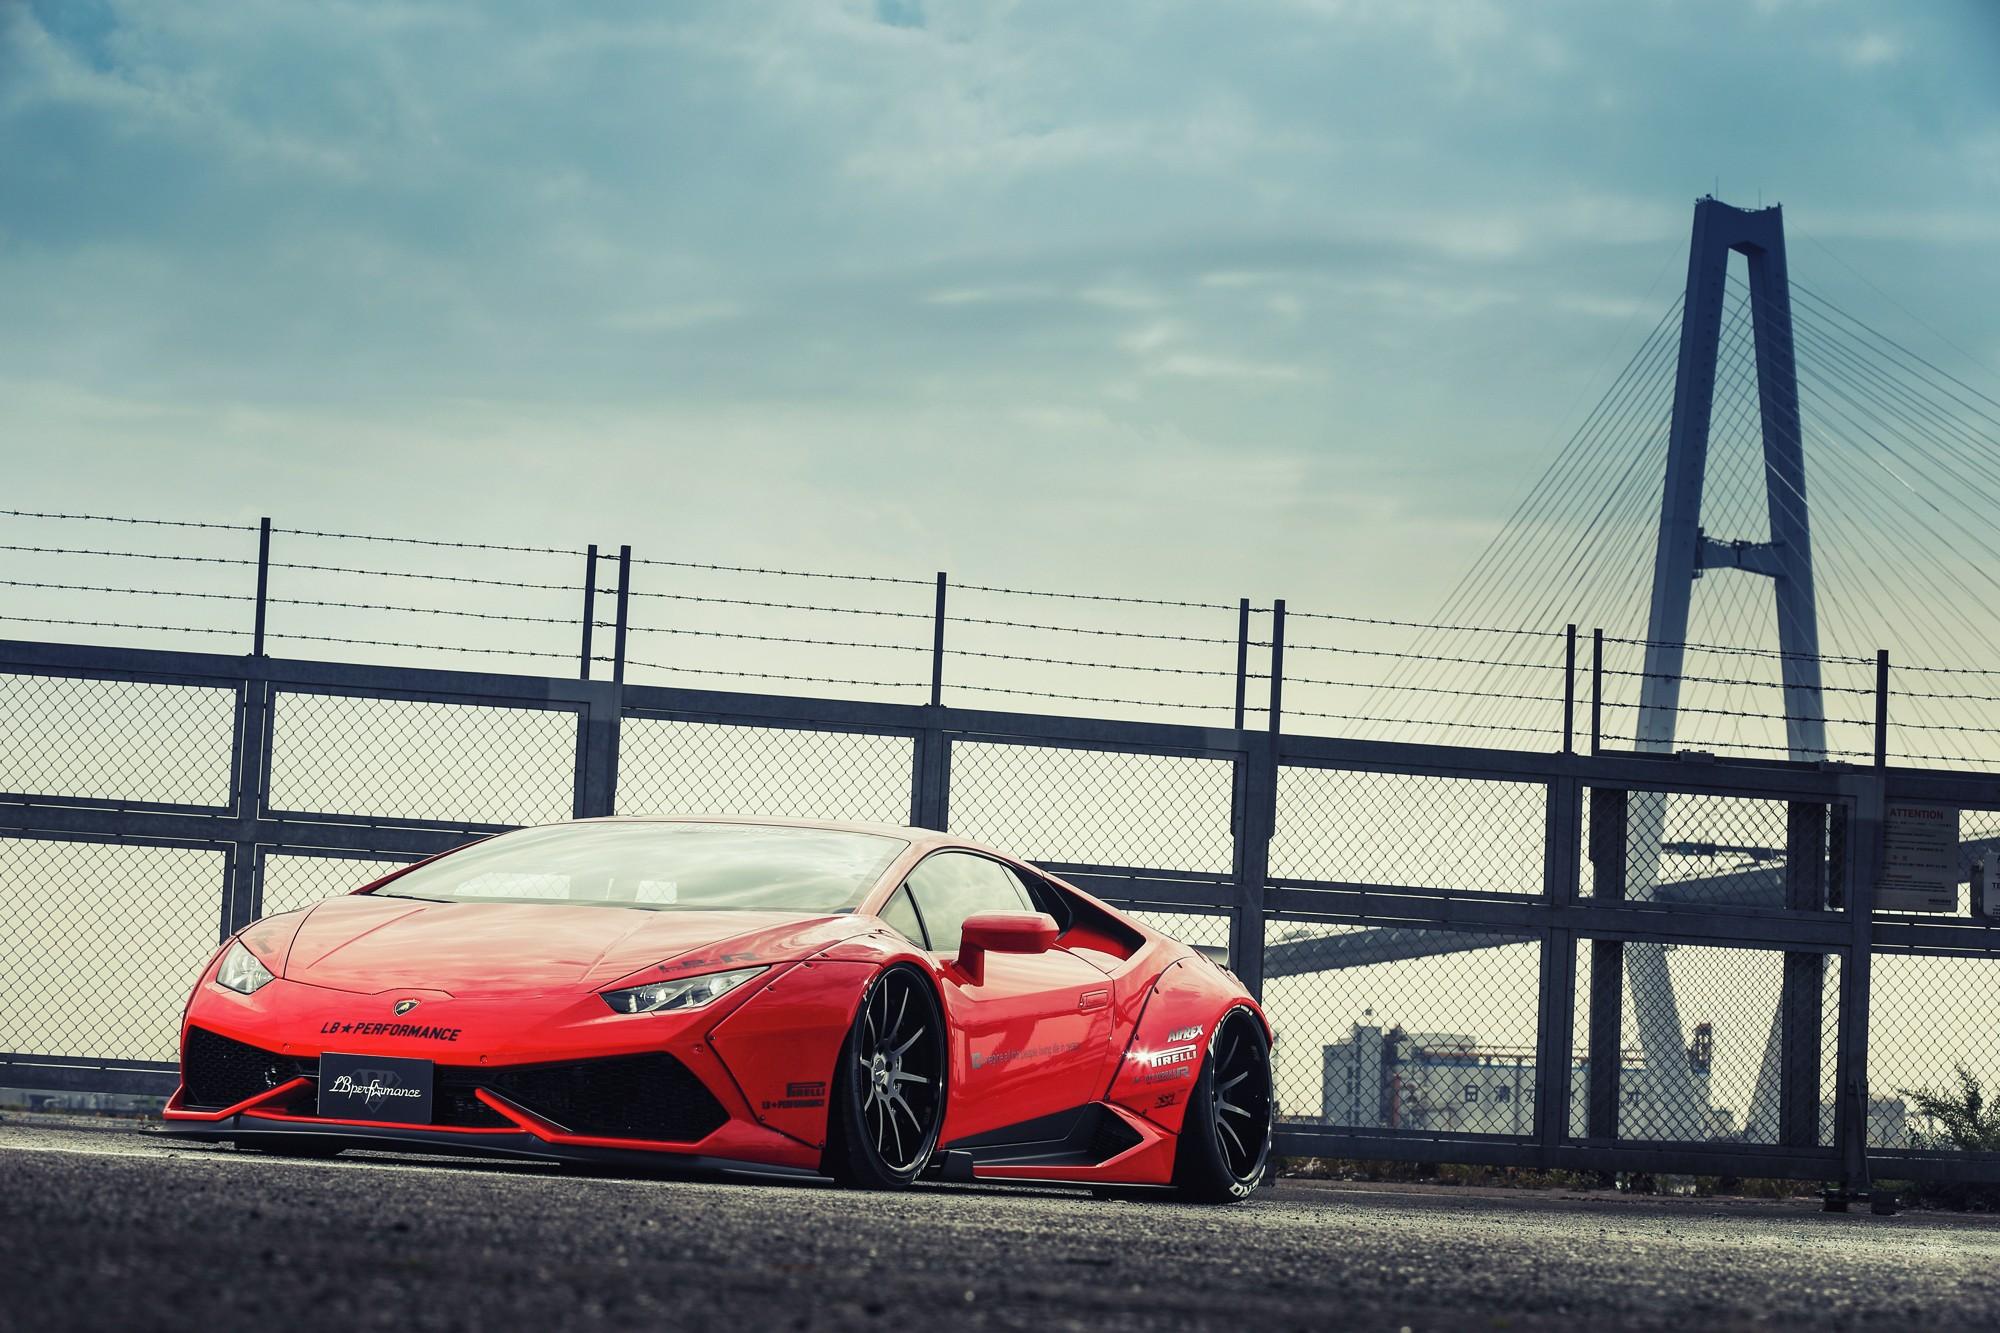 Liberty Walk LB Performance Lamborghini Lamborghini Huracan LP 610 4 Widebody Car 2000x1333